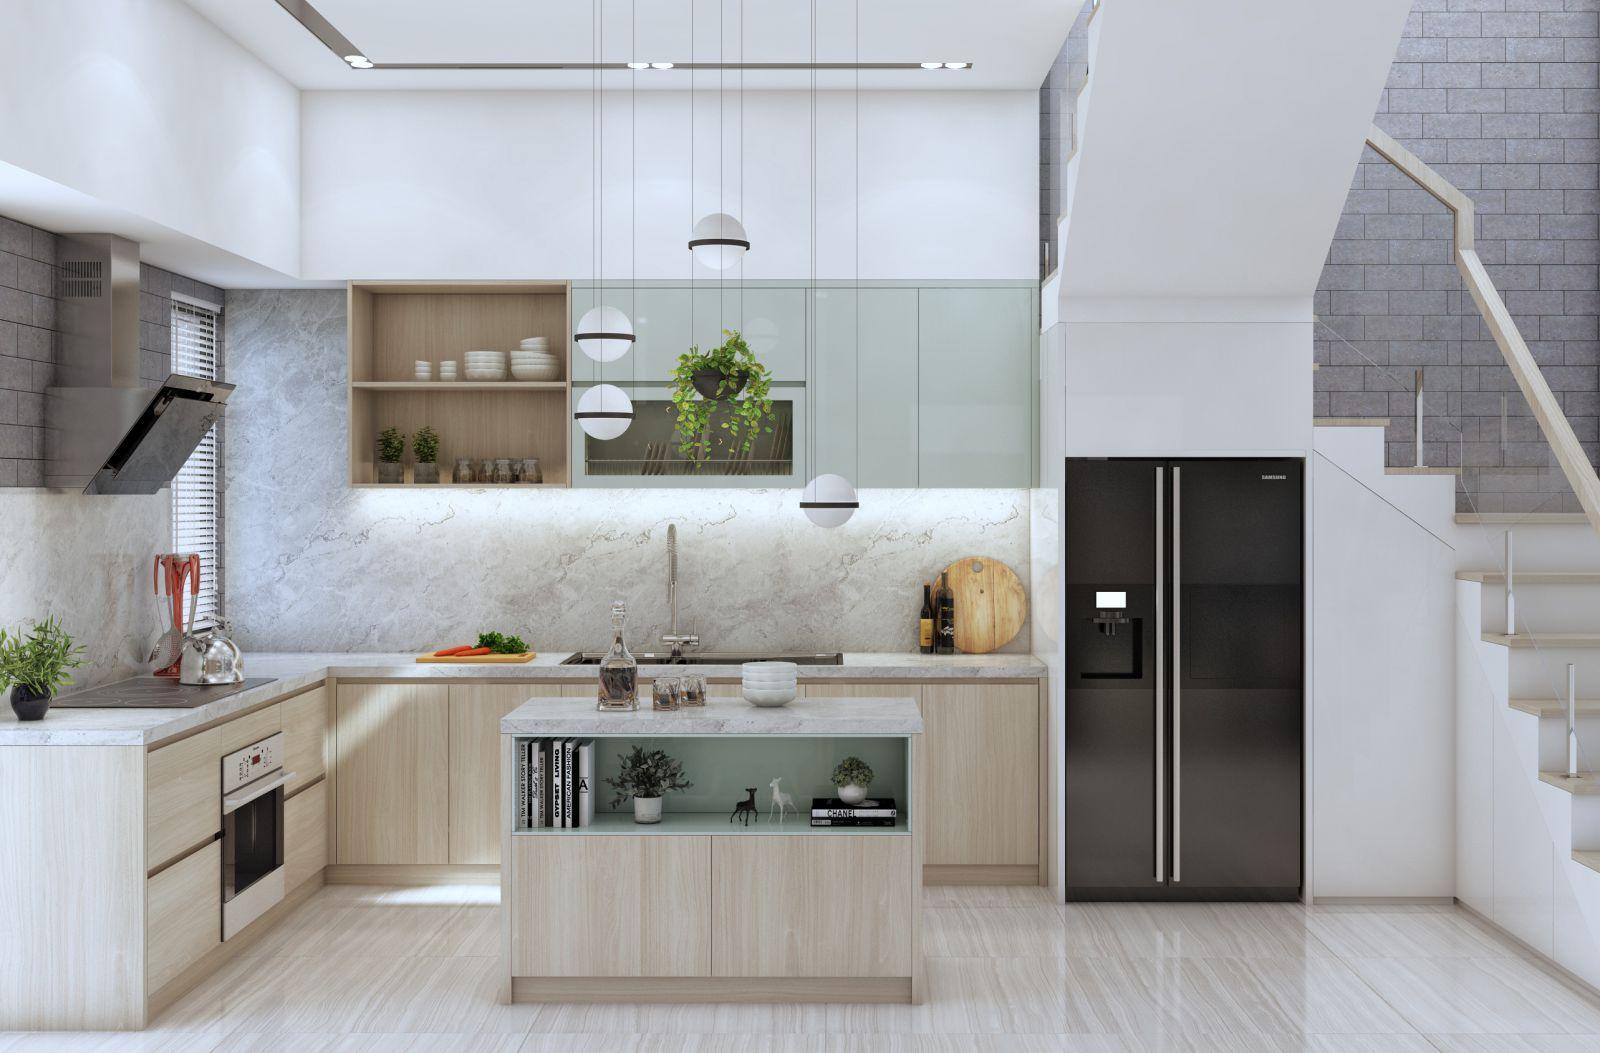 Nội thất phòng bếp trong căn biệt thự